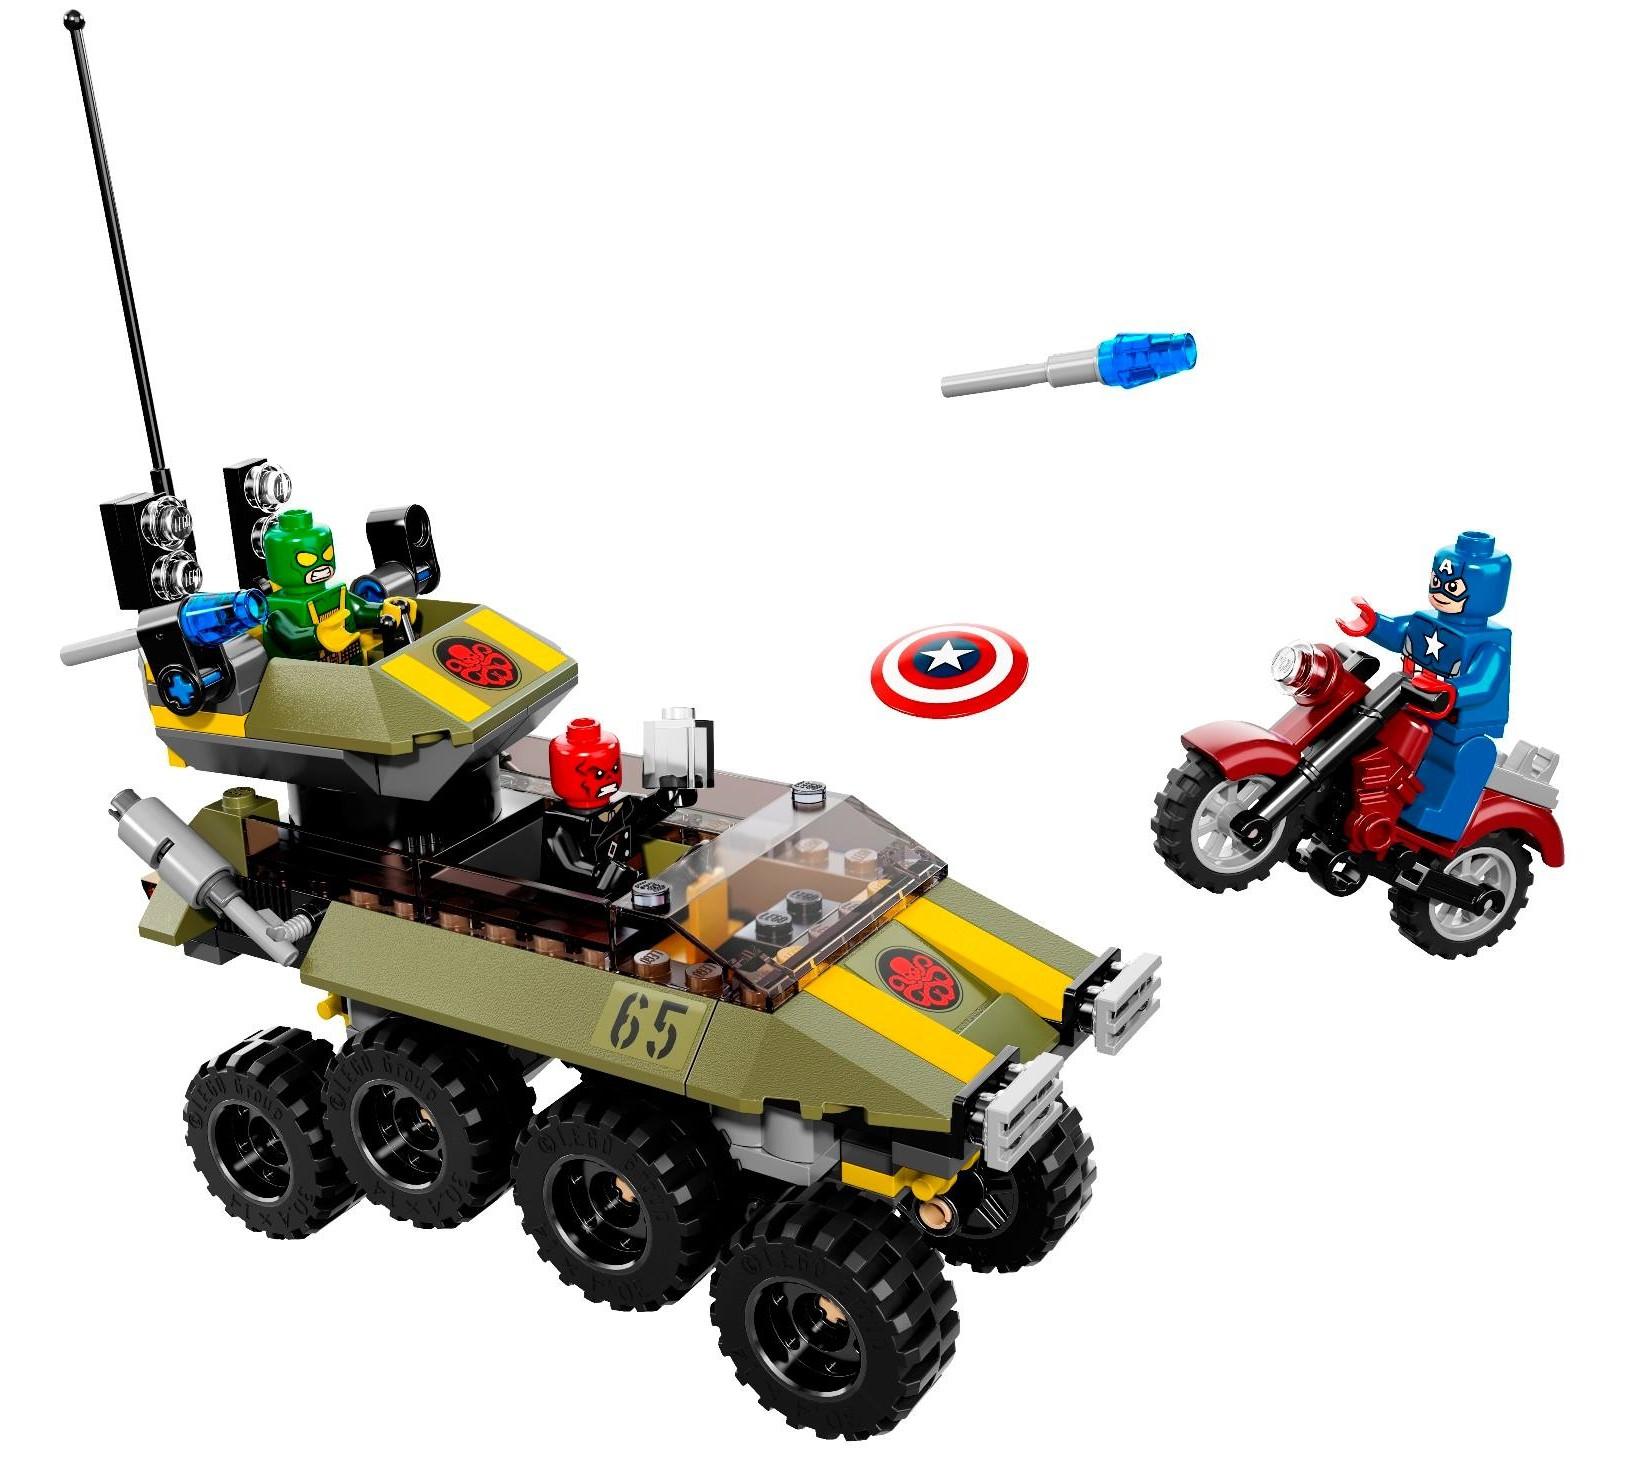 Lego Marvel Toys : Lego marvel captain america vs hydra set